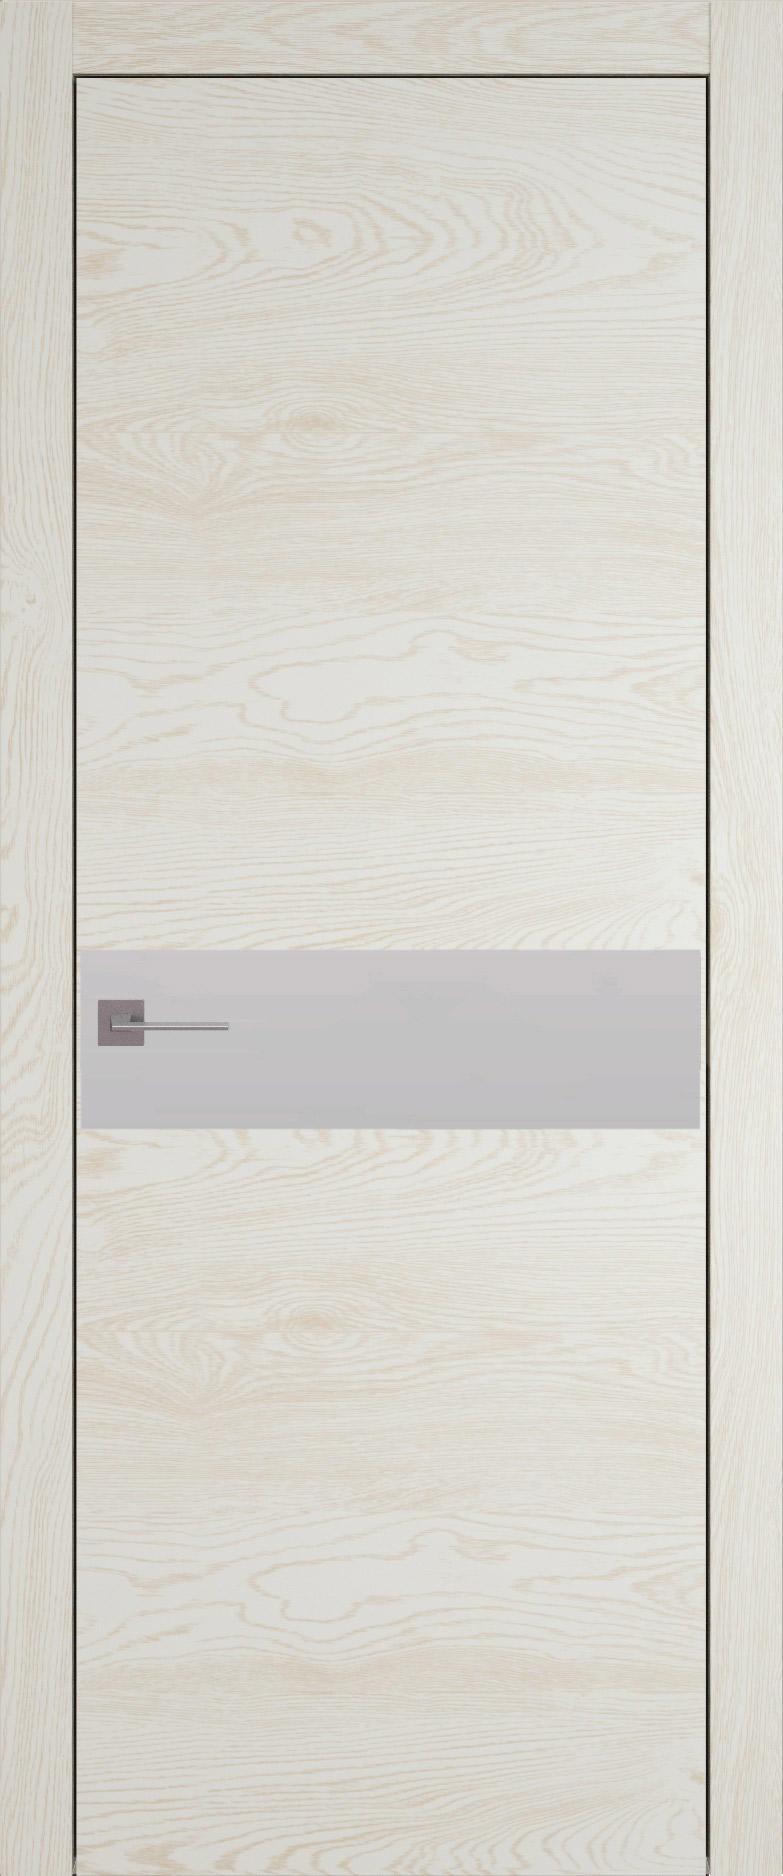 Tivoli И-4 цвет - Бежевый ясень Без стекла (ДГ)